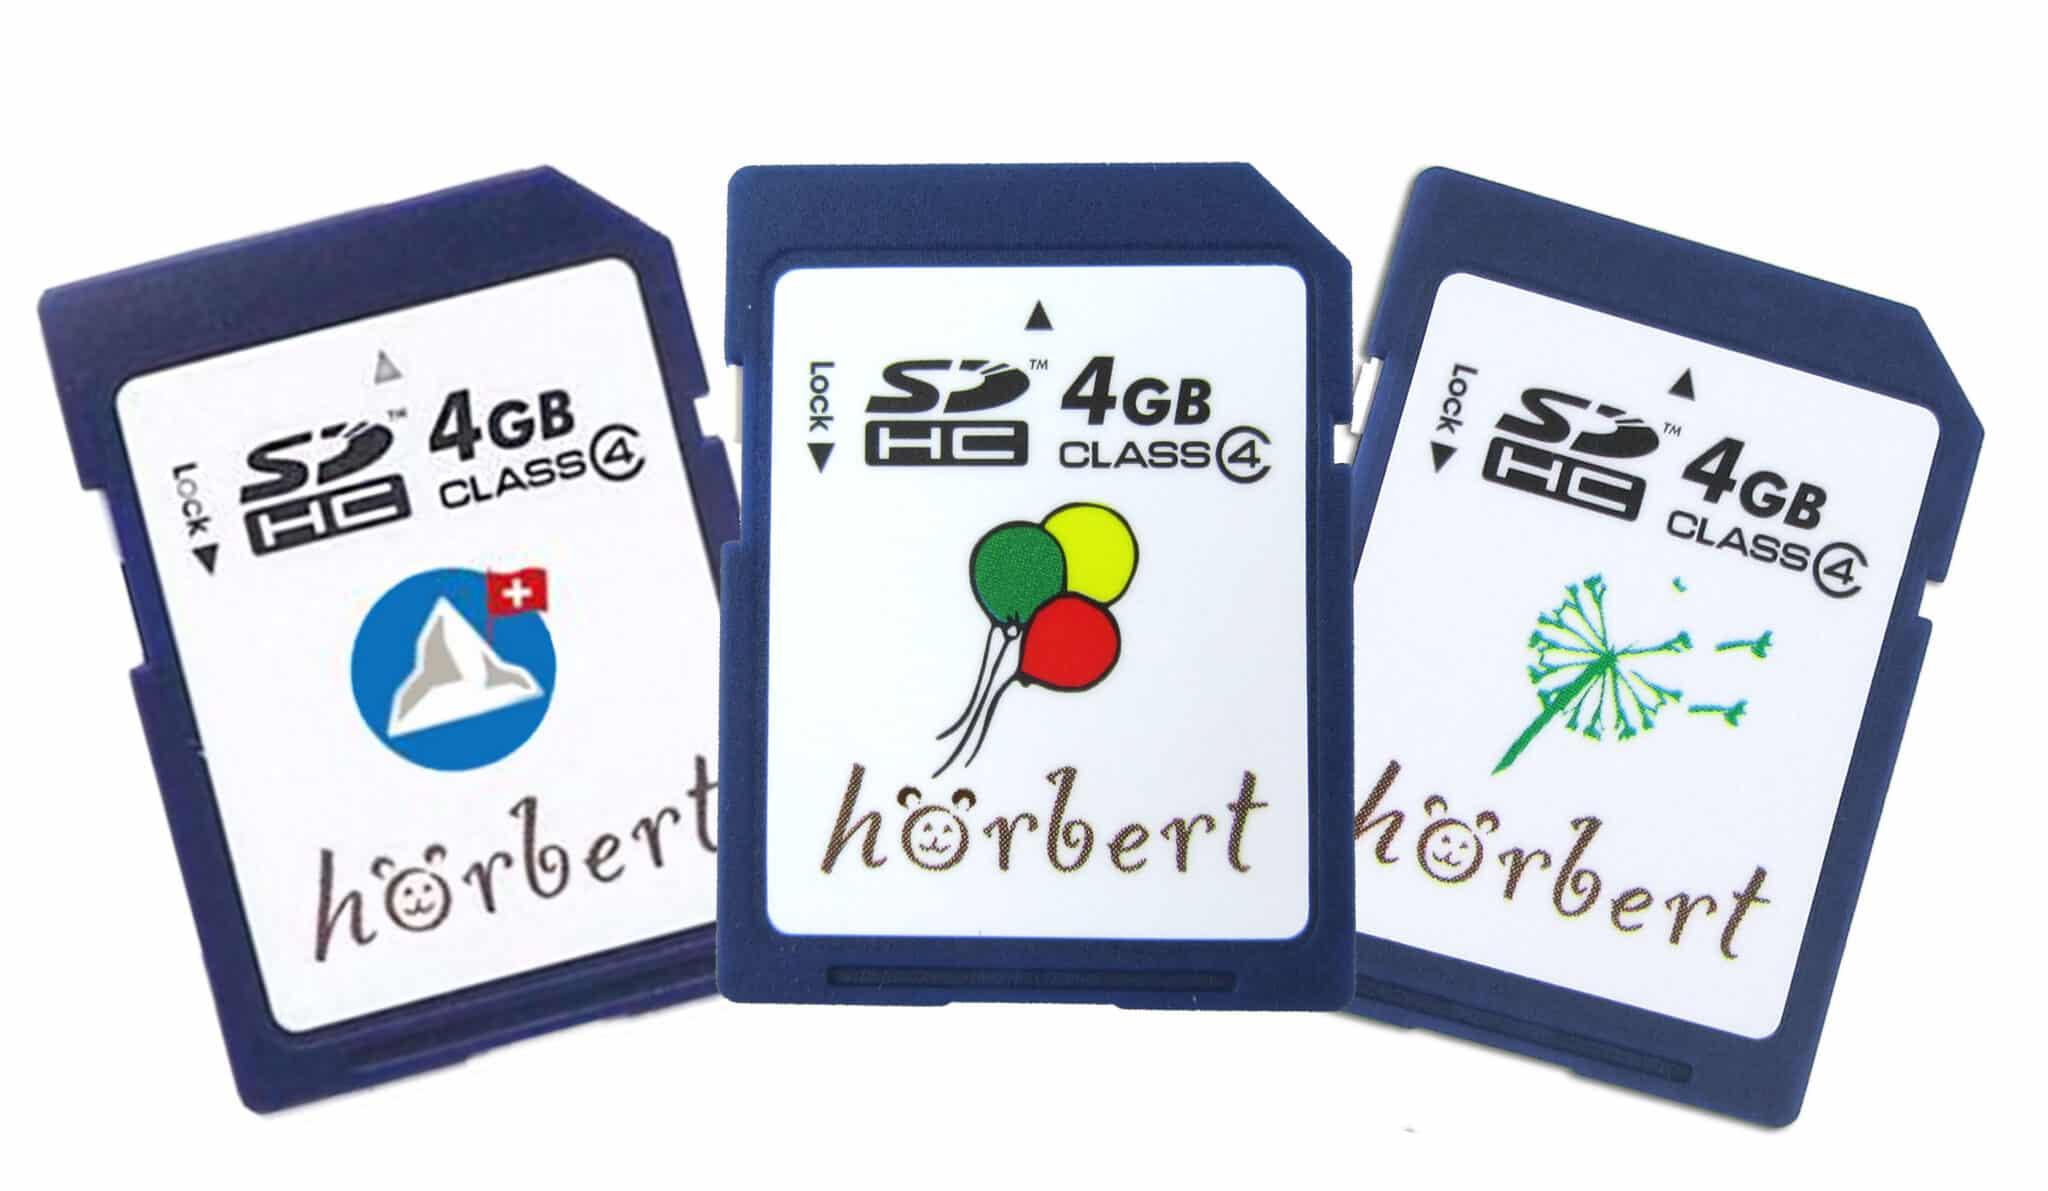 Drei Speicherkarten